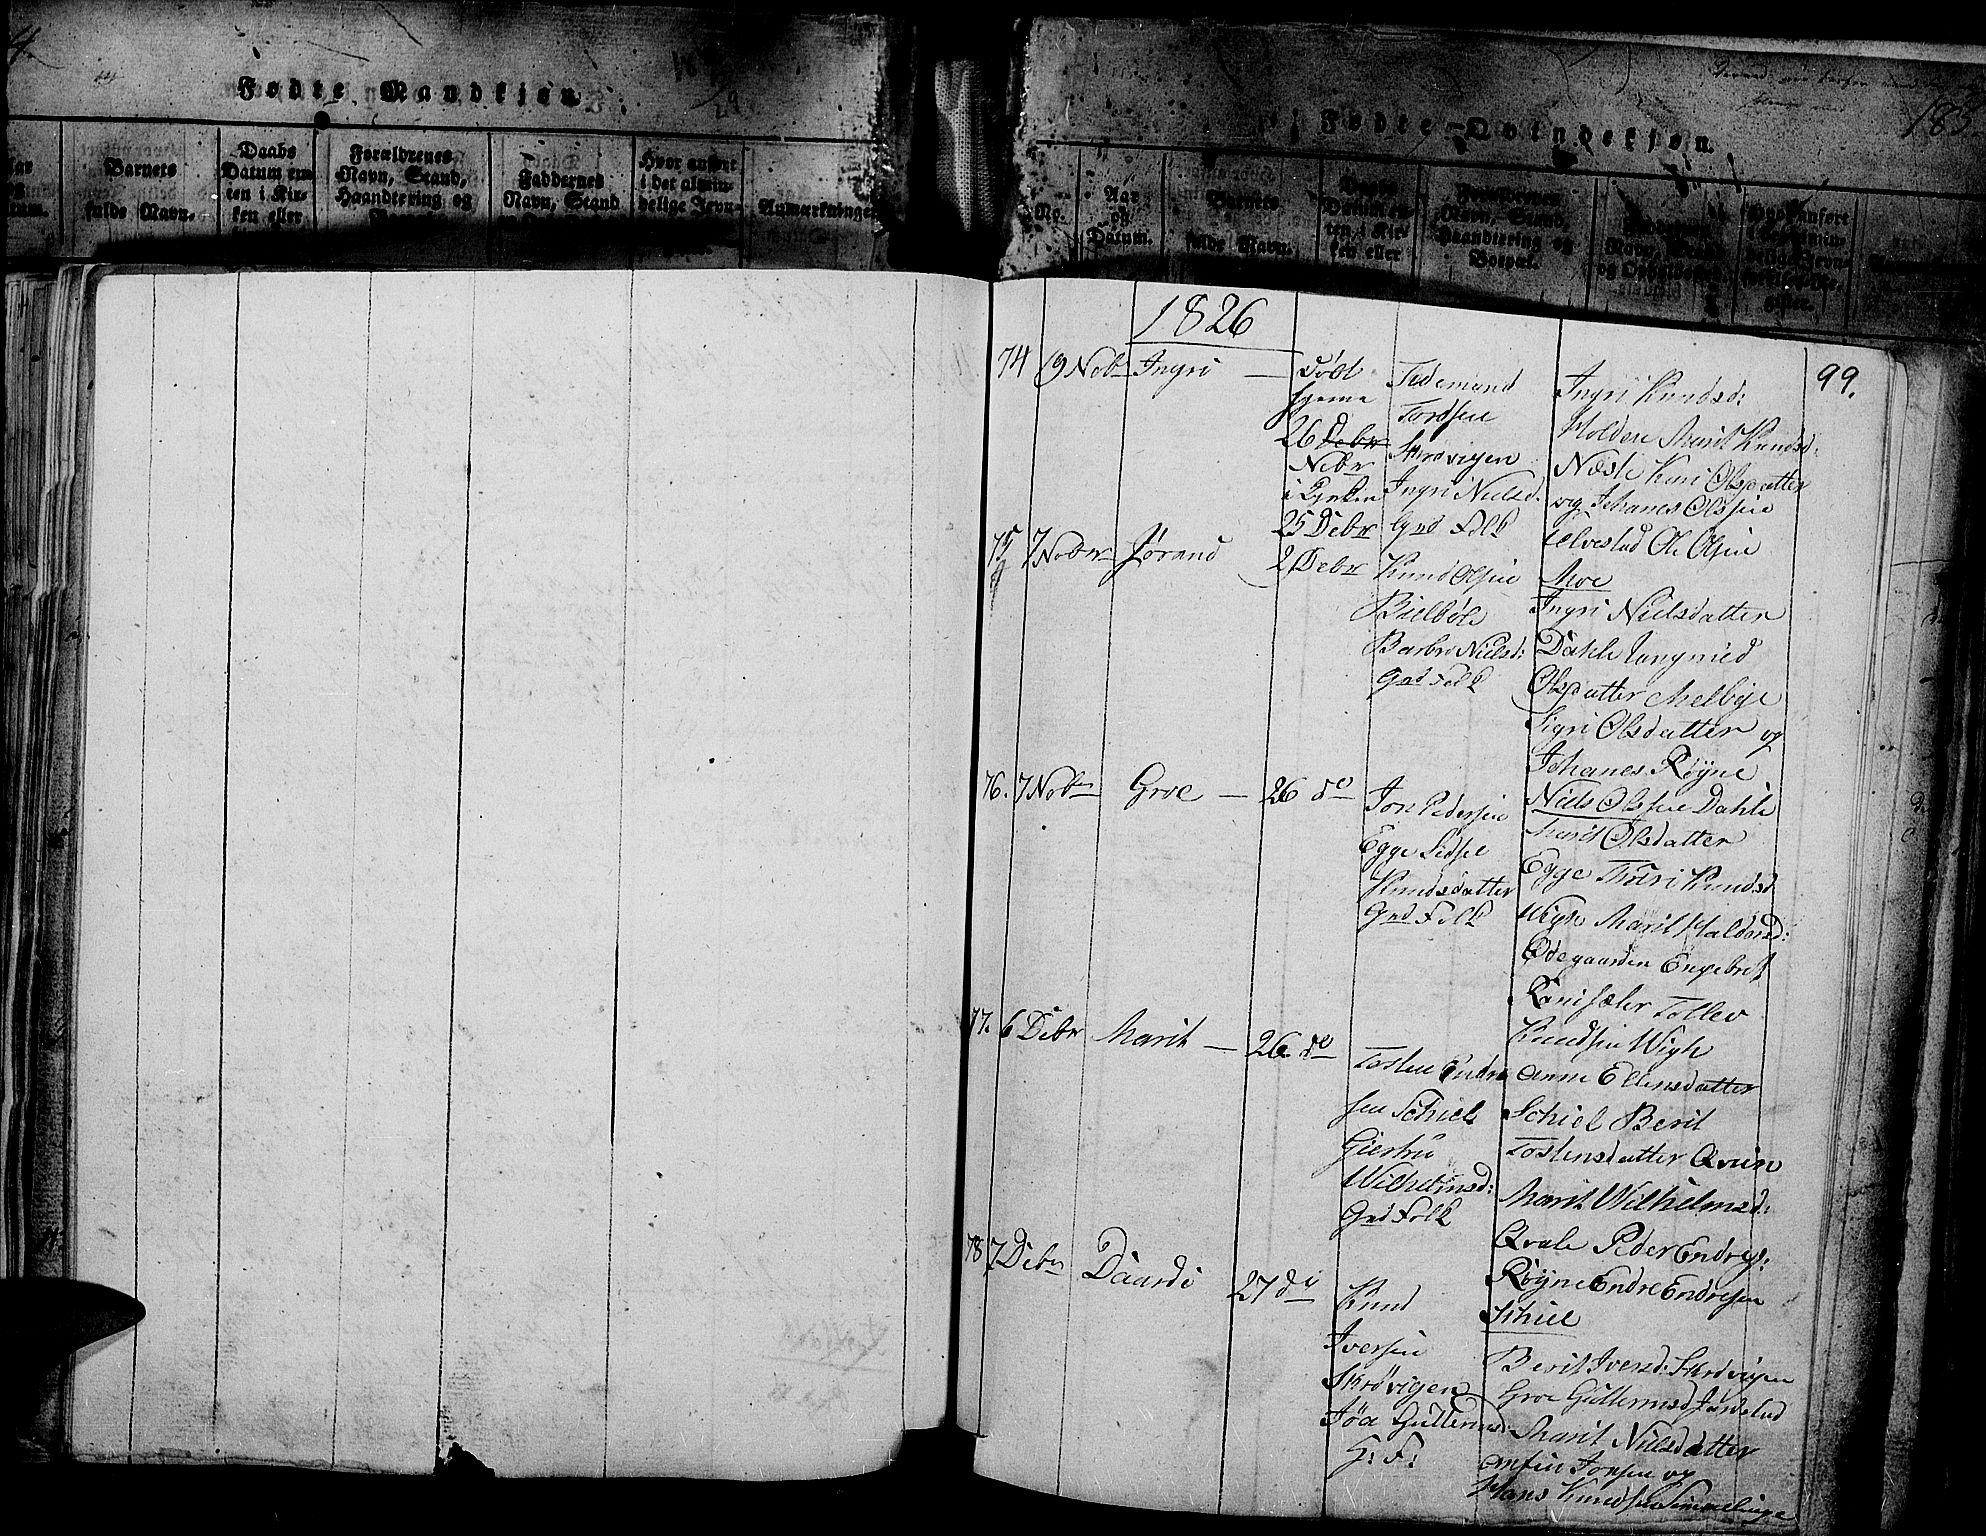 SAH, Slidre prestekontor, Ministerialbok nr. 2, 1814-1830, s. 187w